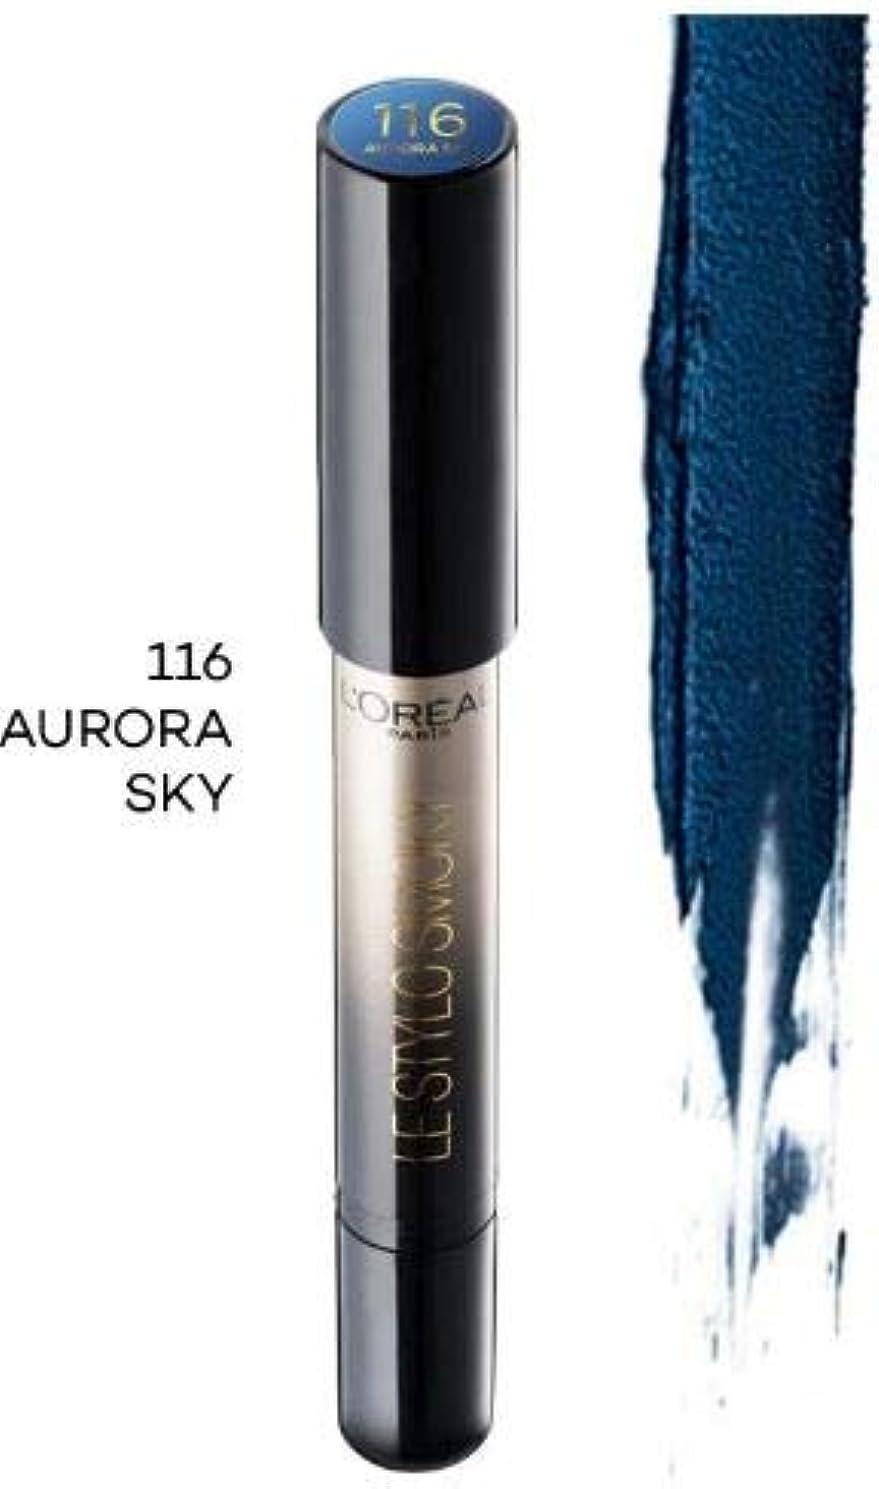 つらい聞きます組立L'OREAL Le Stylo Smoky Eye Shadow Aurora Sky 116 1.5g オーロラ スカイ - 真のプルシアンブルー マット仕上げ